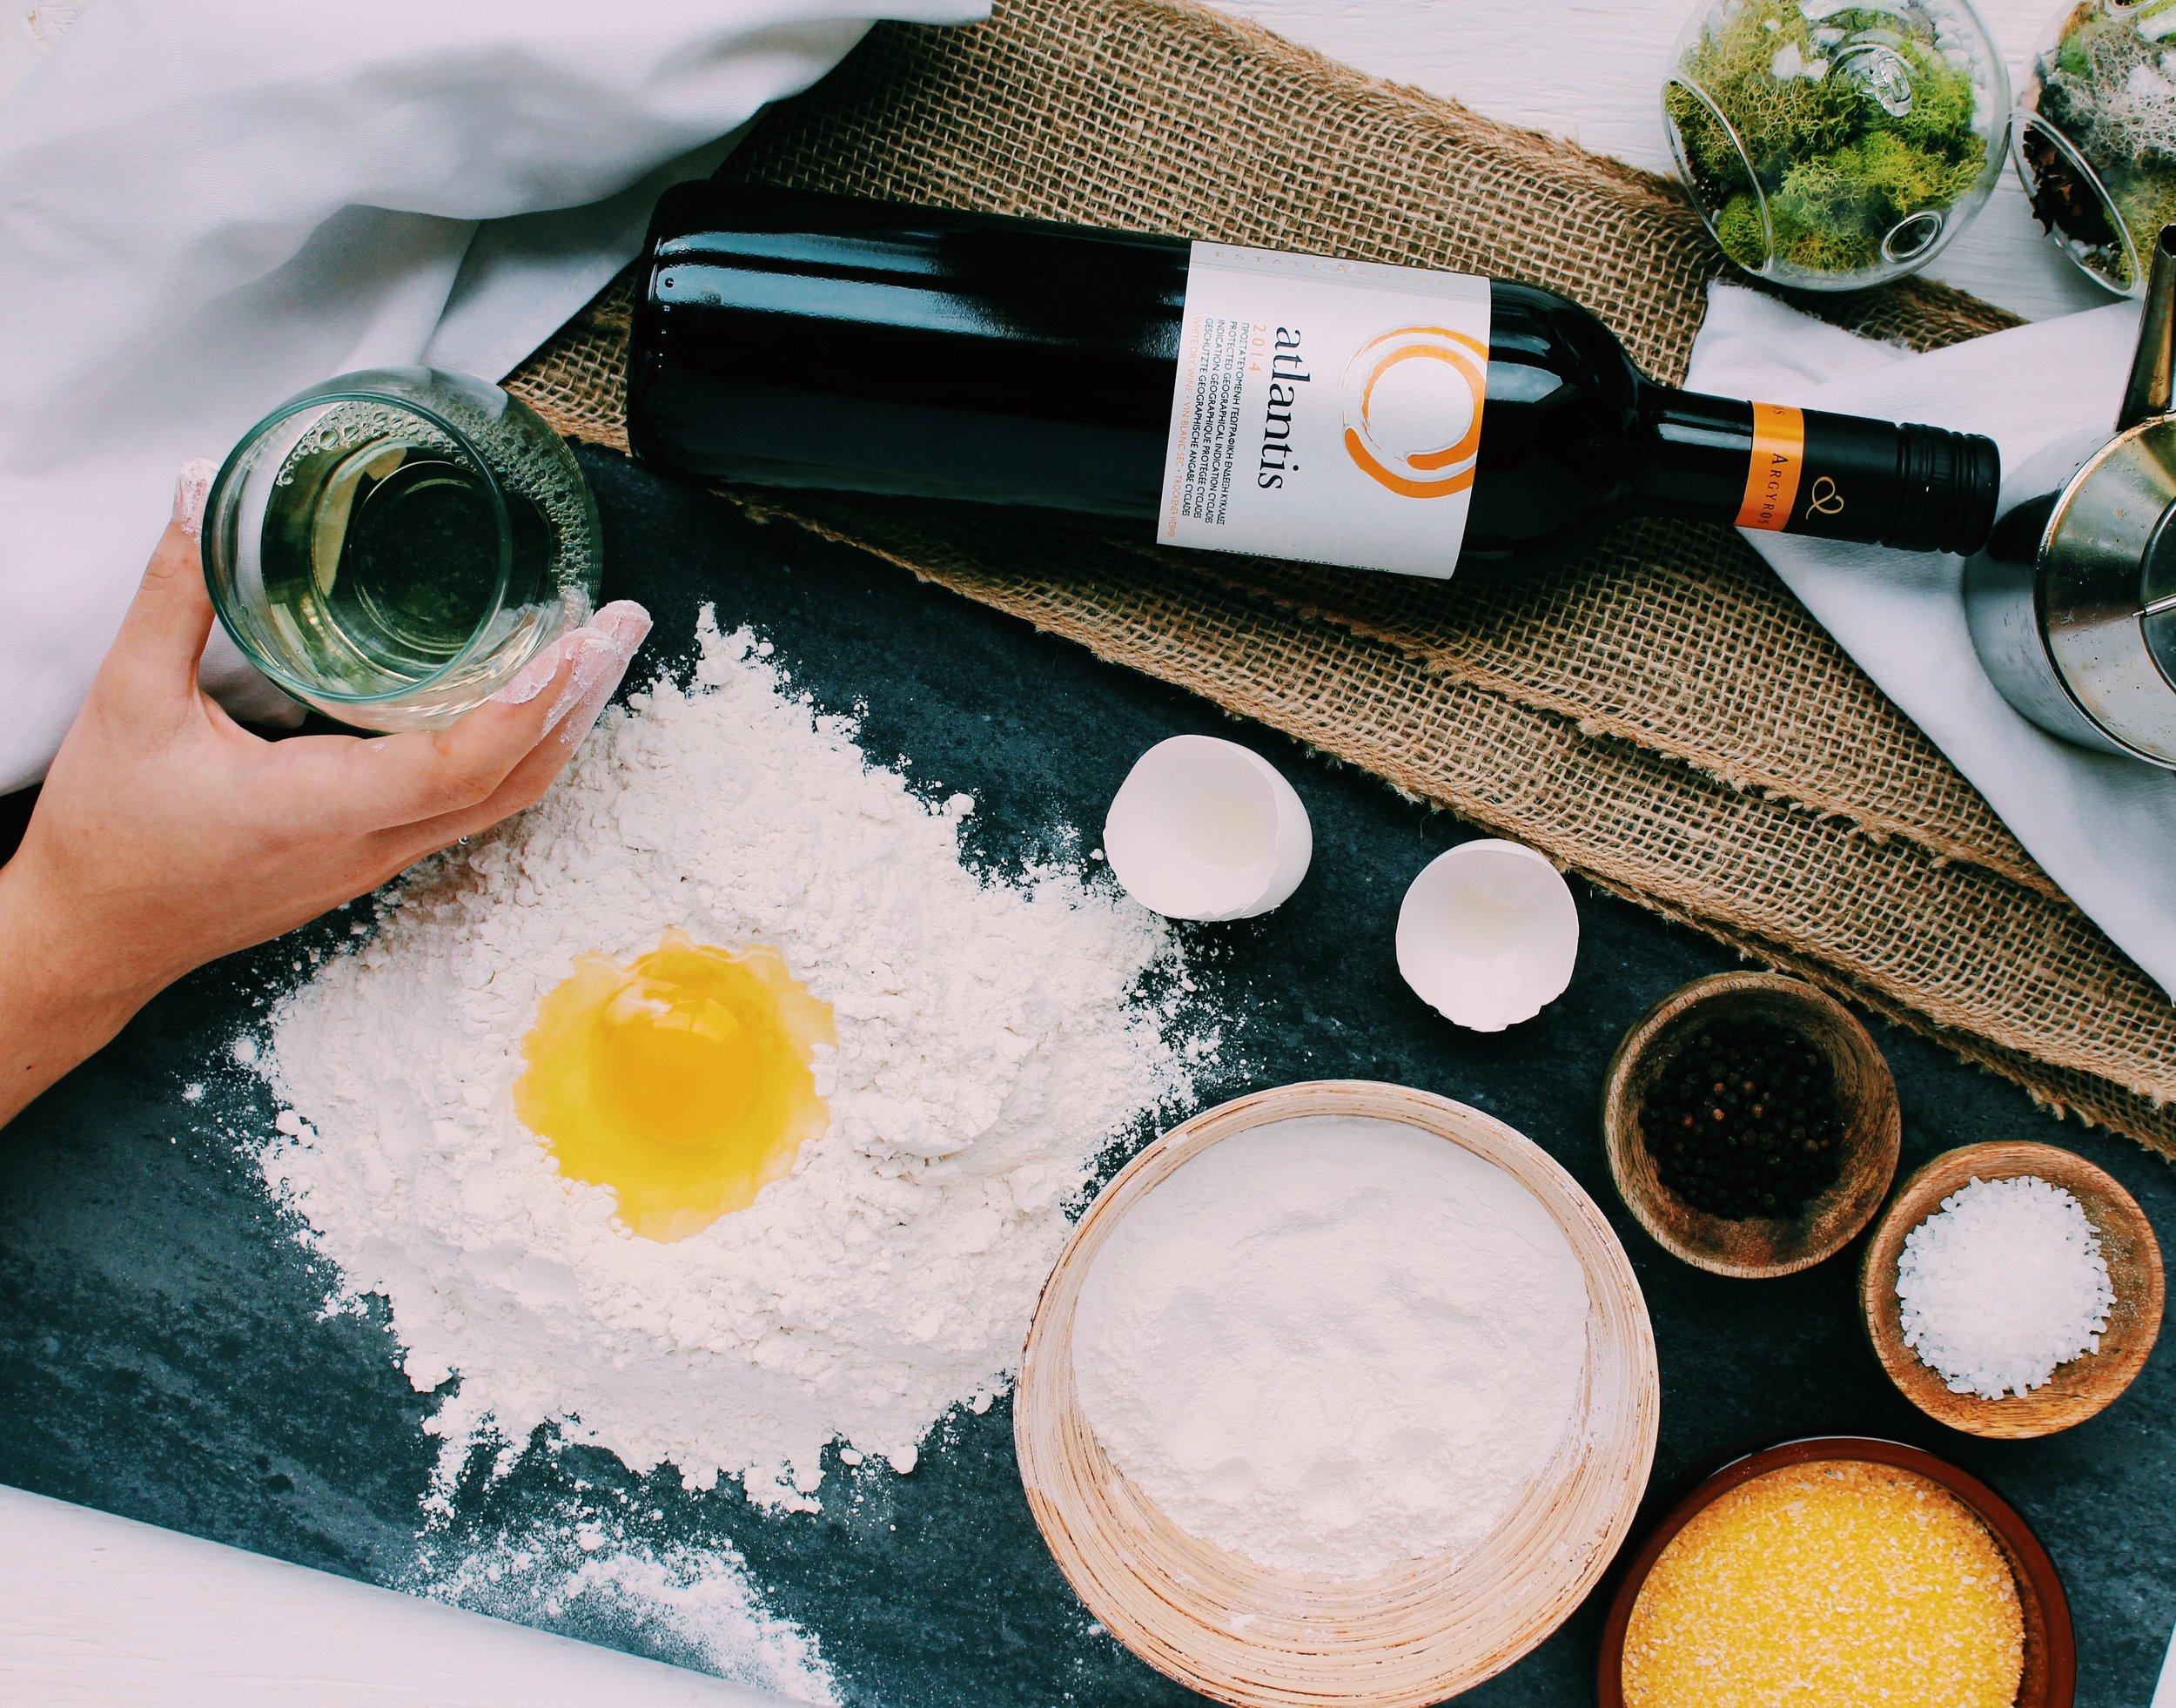 wine and ingredients pexels-photo-42444.jpeg